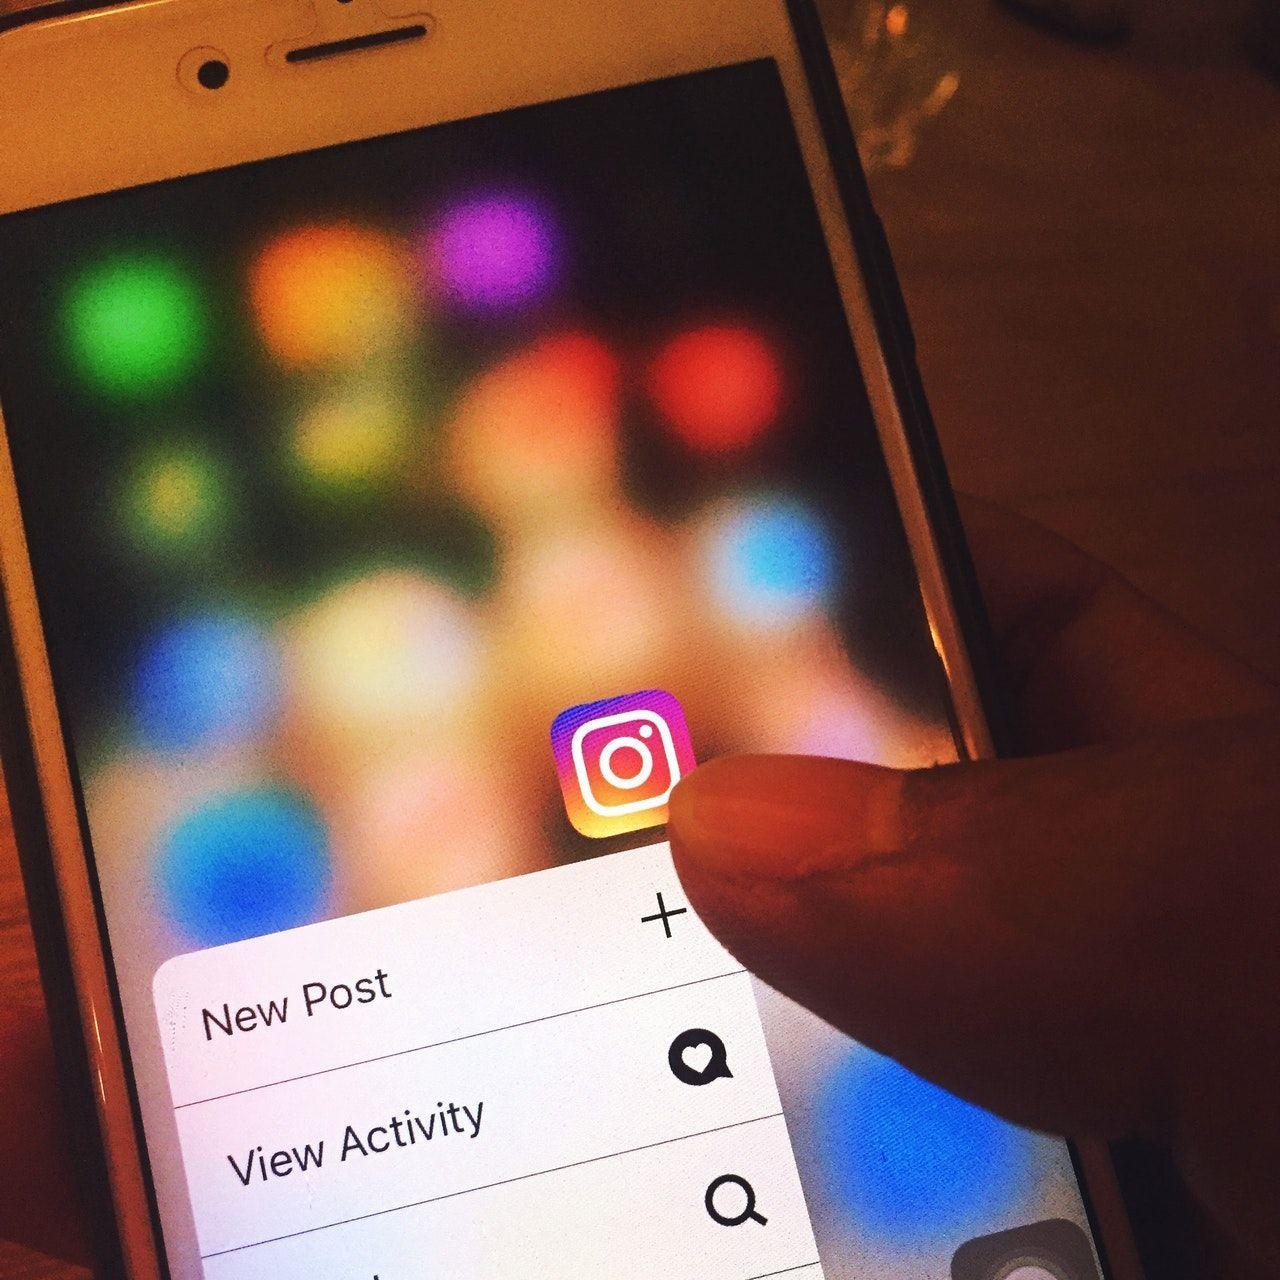 Selebgram Kehilangan Ribuan Followers, Instagram Bersih-Bersih Akun?